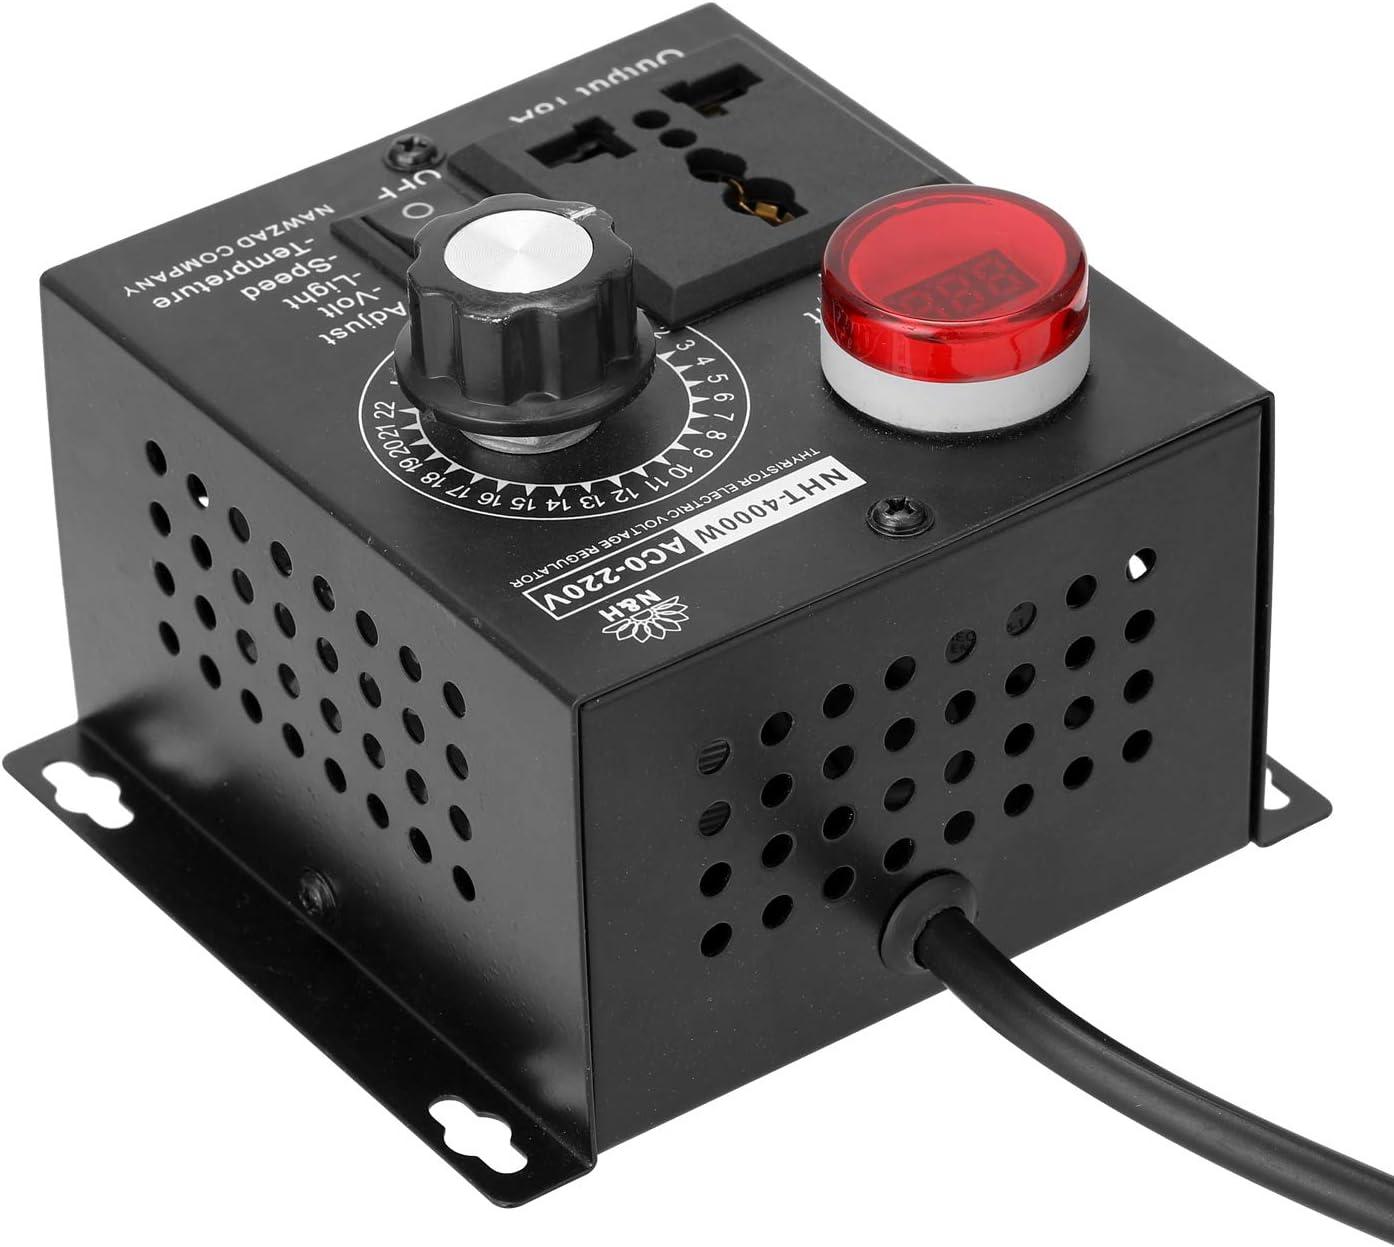 AC 220V 4000W Contr/ôleur Variable De Tension Contr/ôleur Portable Vitesse Temp/érature L/éger Tension Variateur Adjuatable